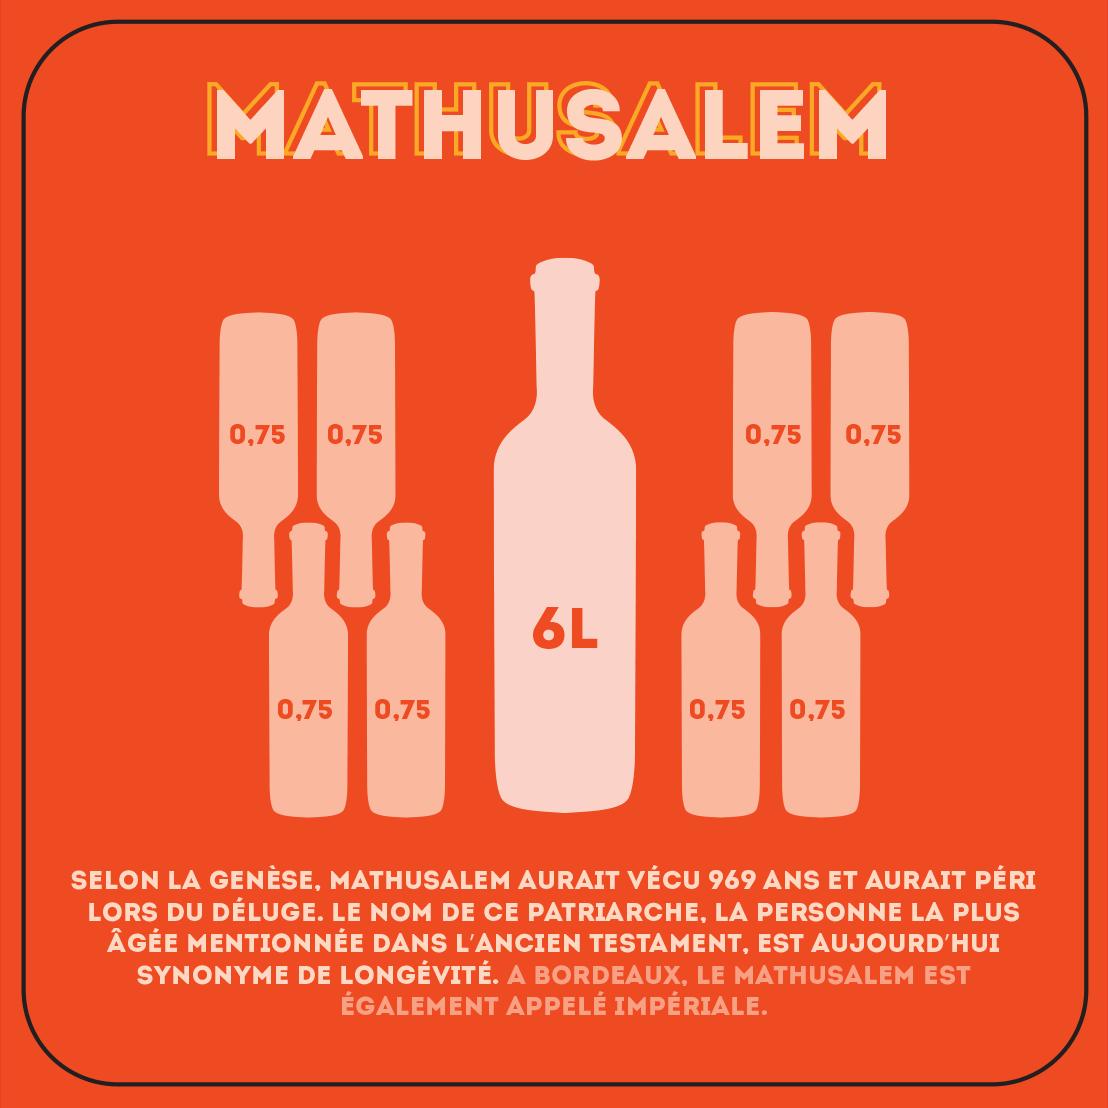 Mathusalem de 6 litres